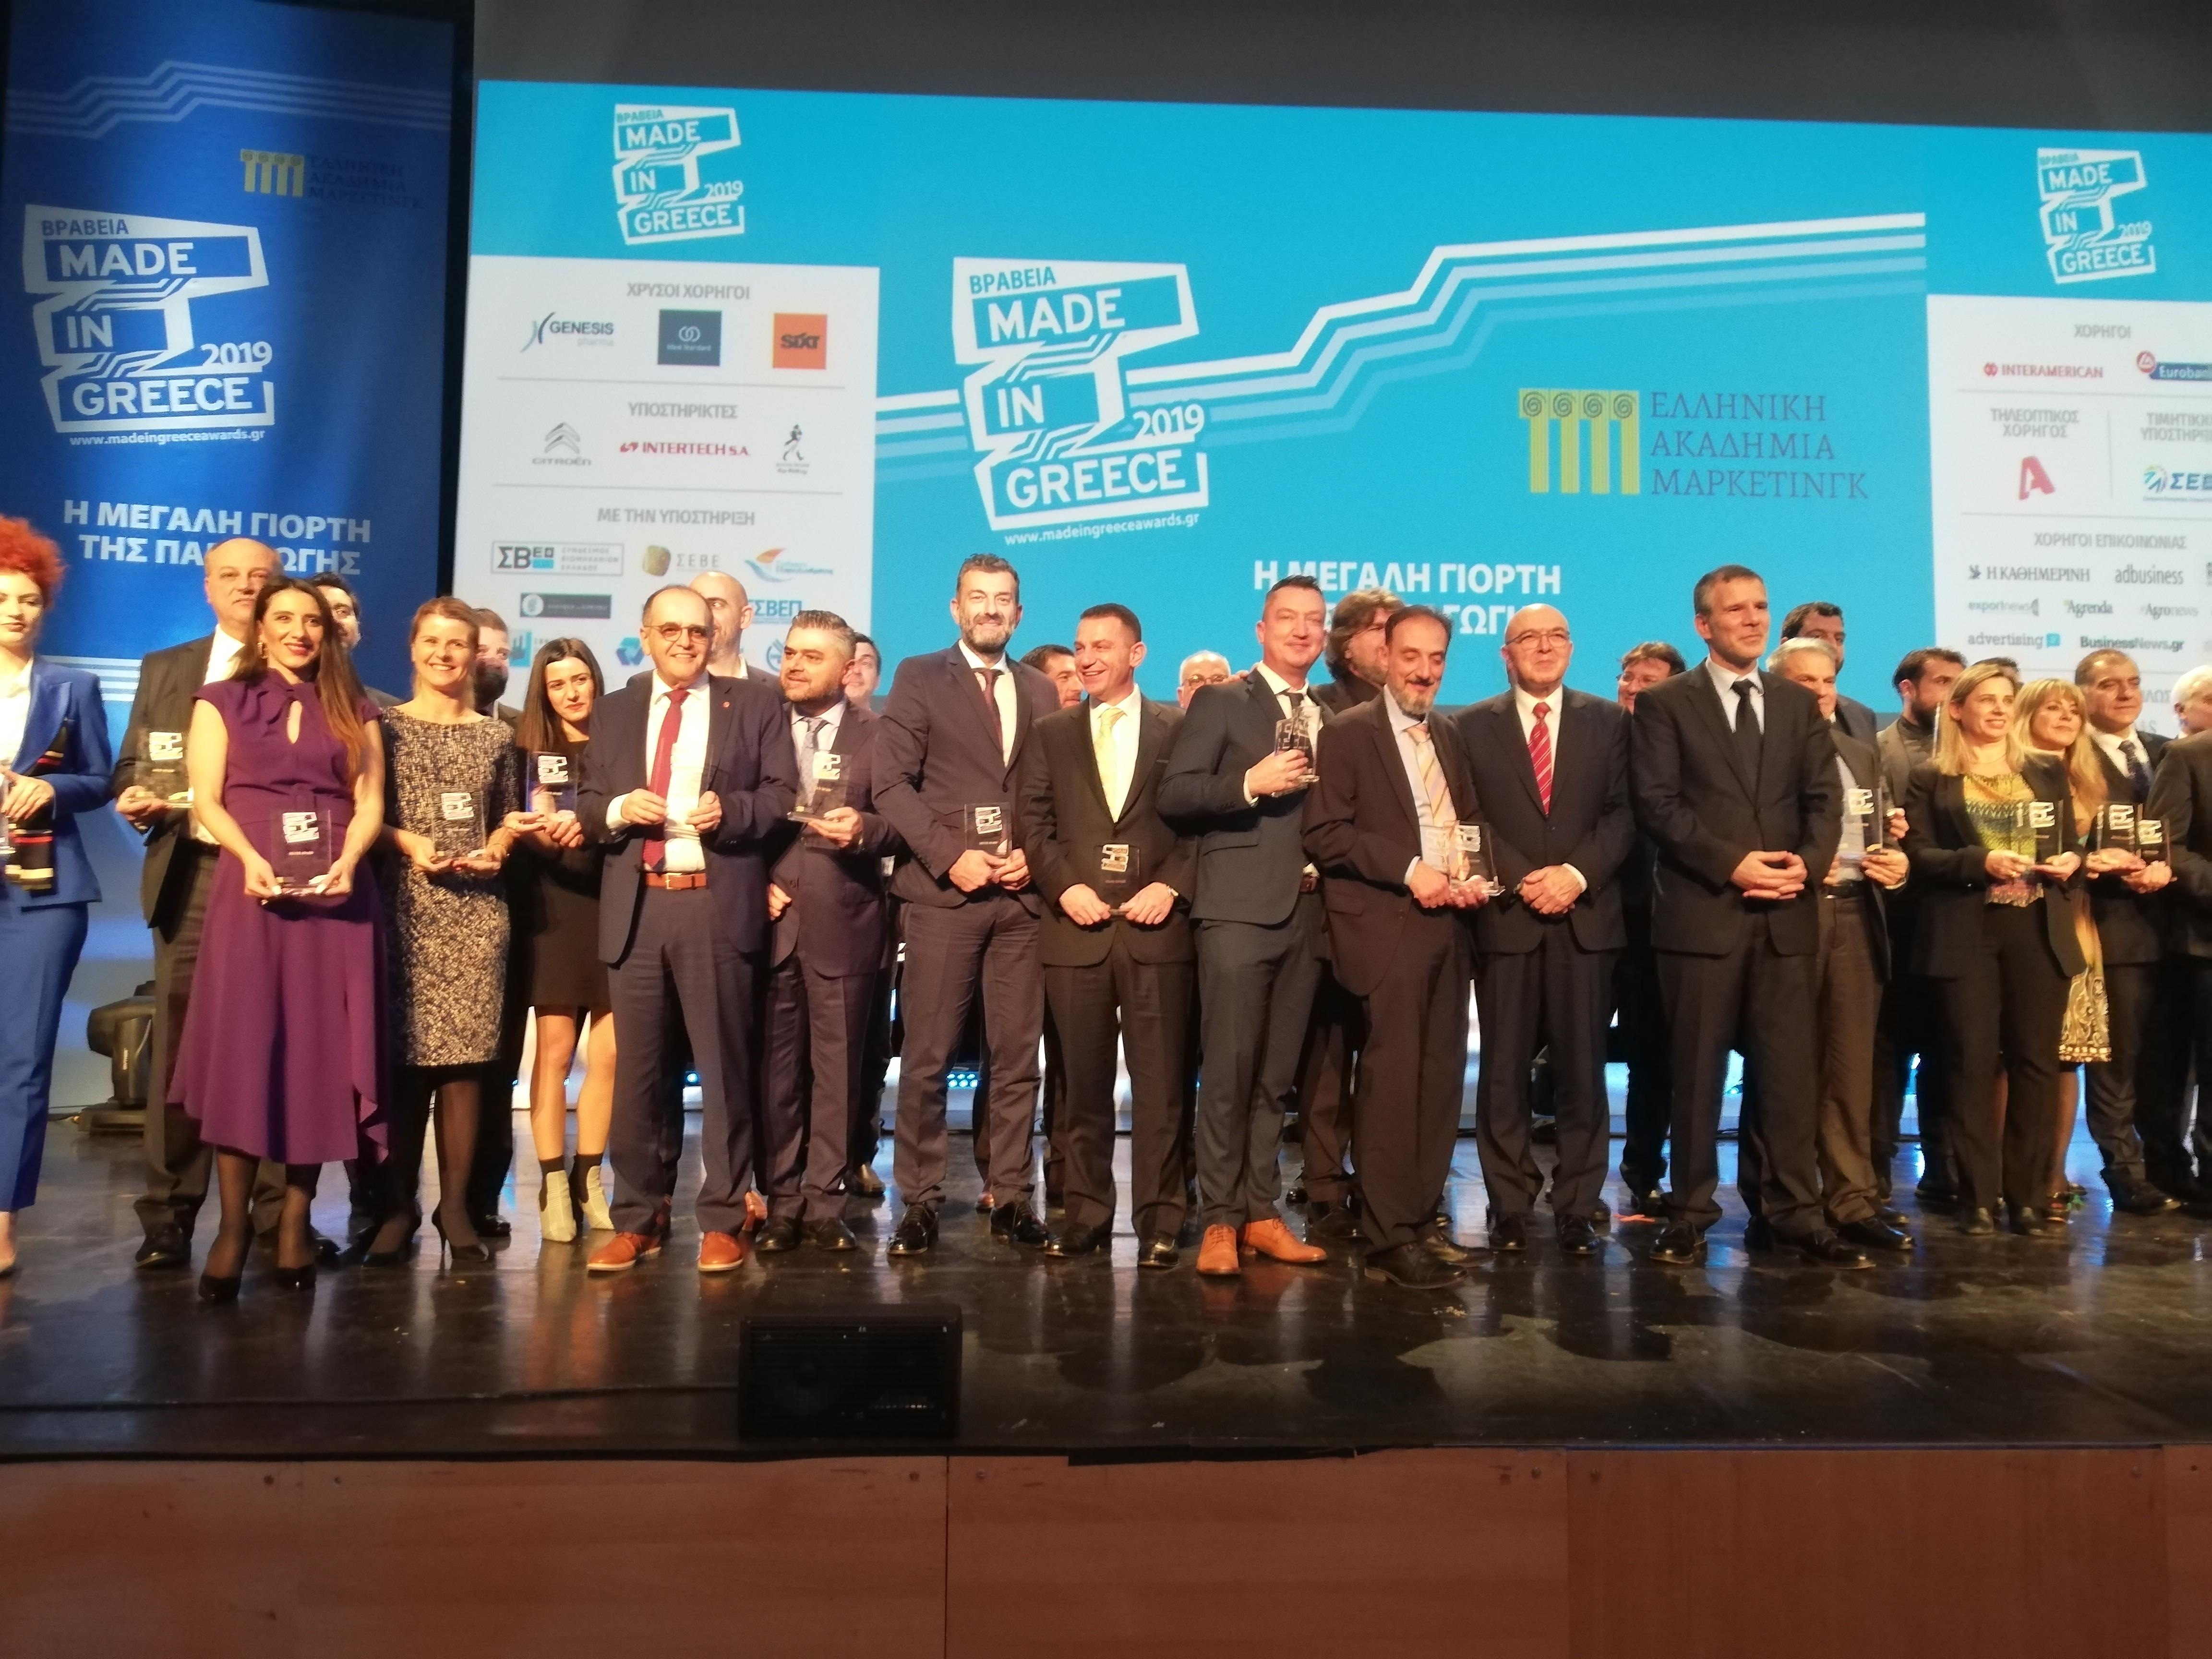 ΚΥΑΝΑ-made-in-greece-awards